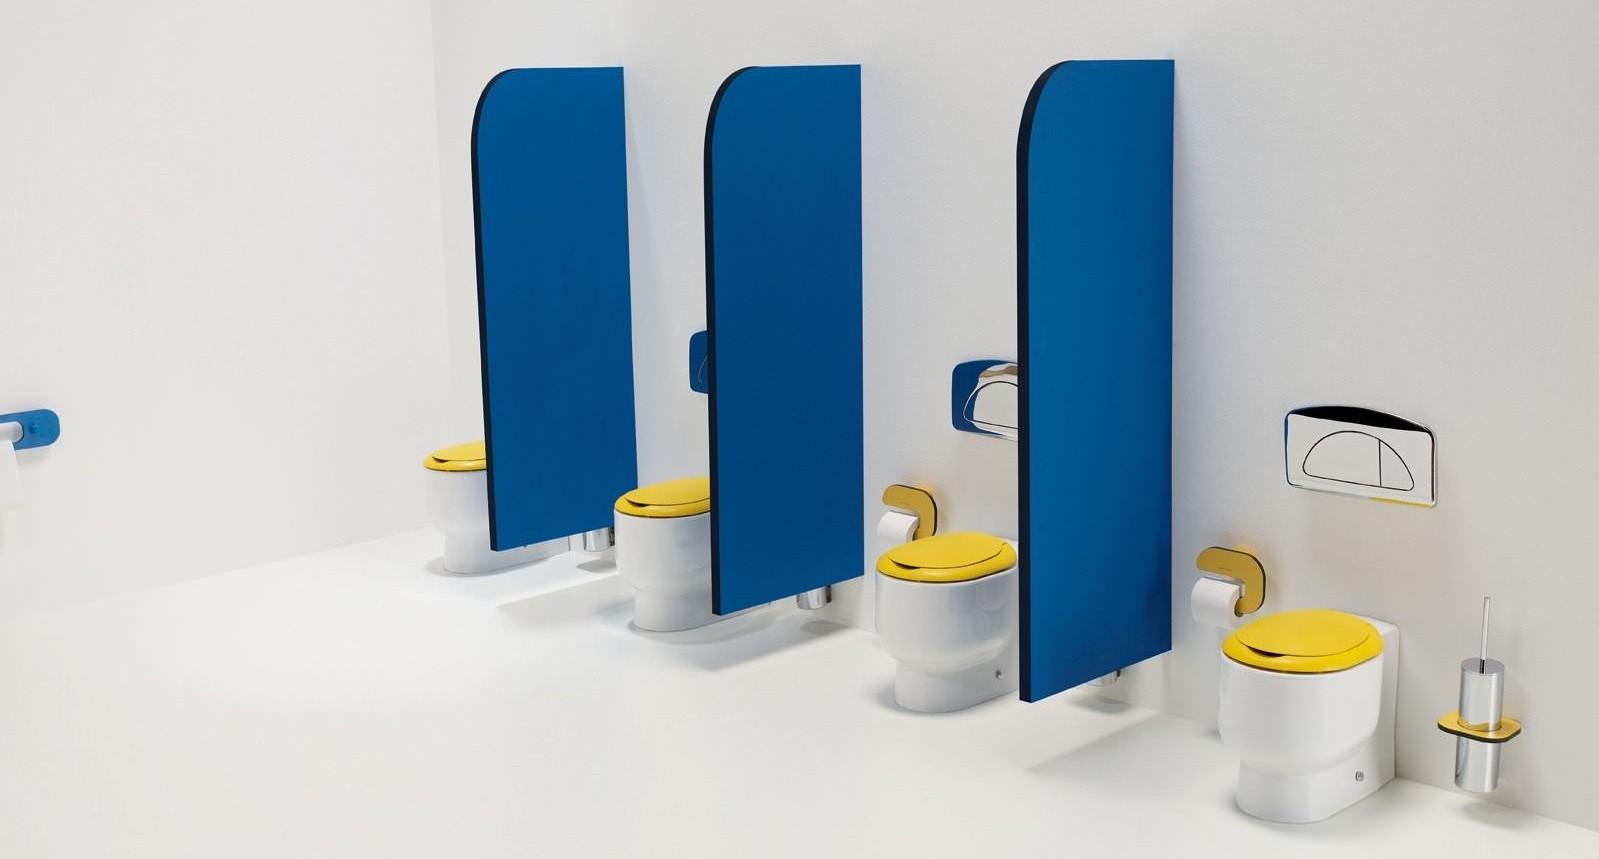 Inodoro Baño Pequeno:Ahora, también, inodoros para los más pequeños – Complementos para